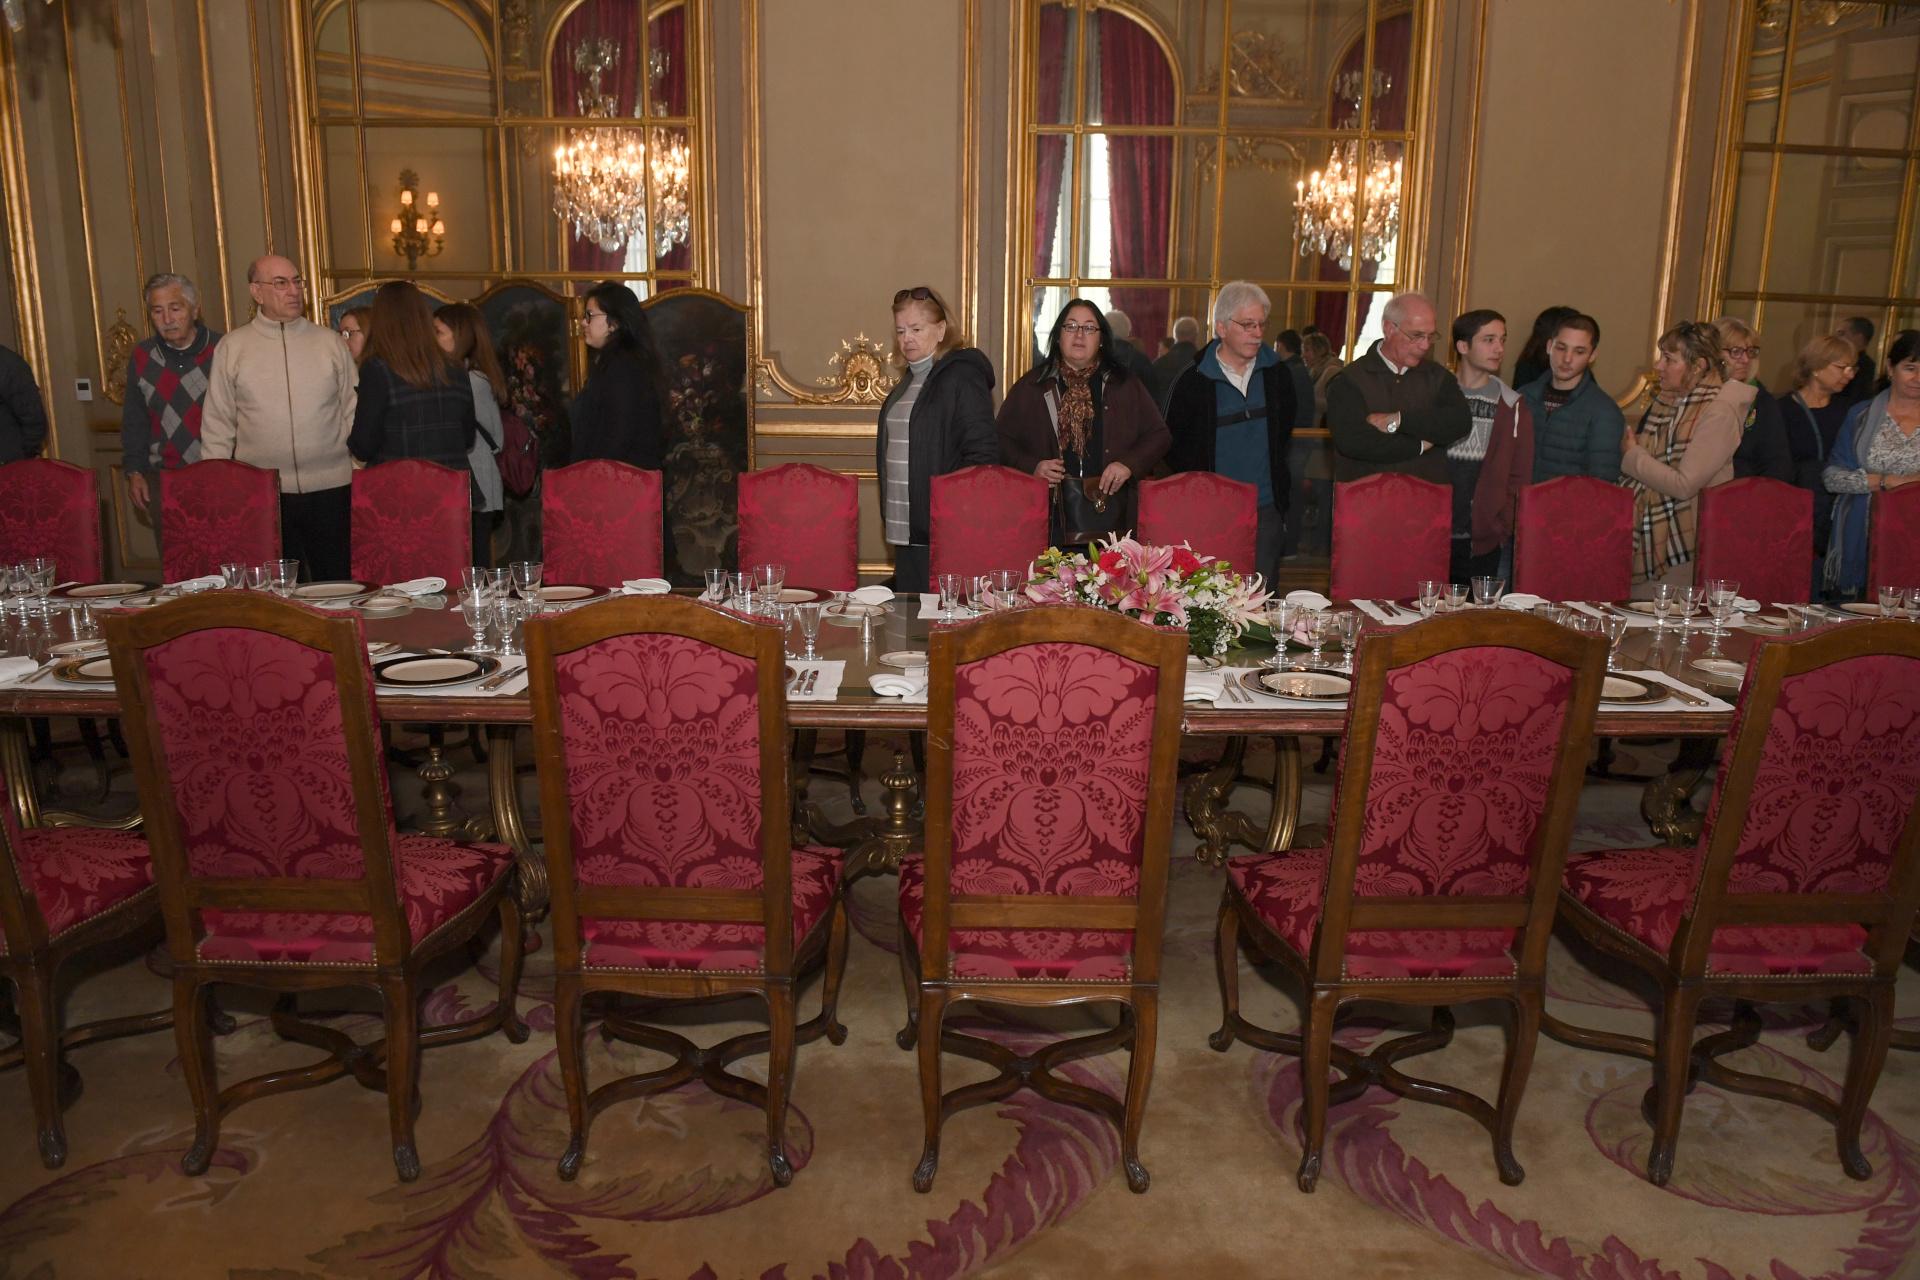 La mesa principal presenta su disposición protocolar con lugar paratreinta personas